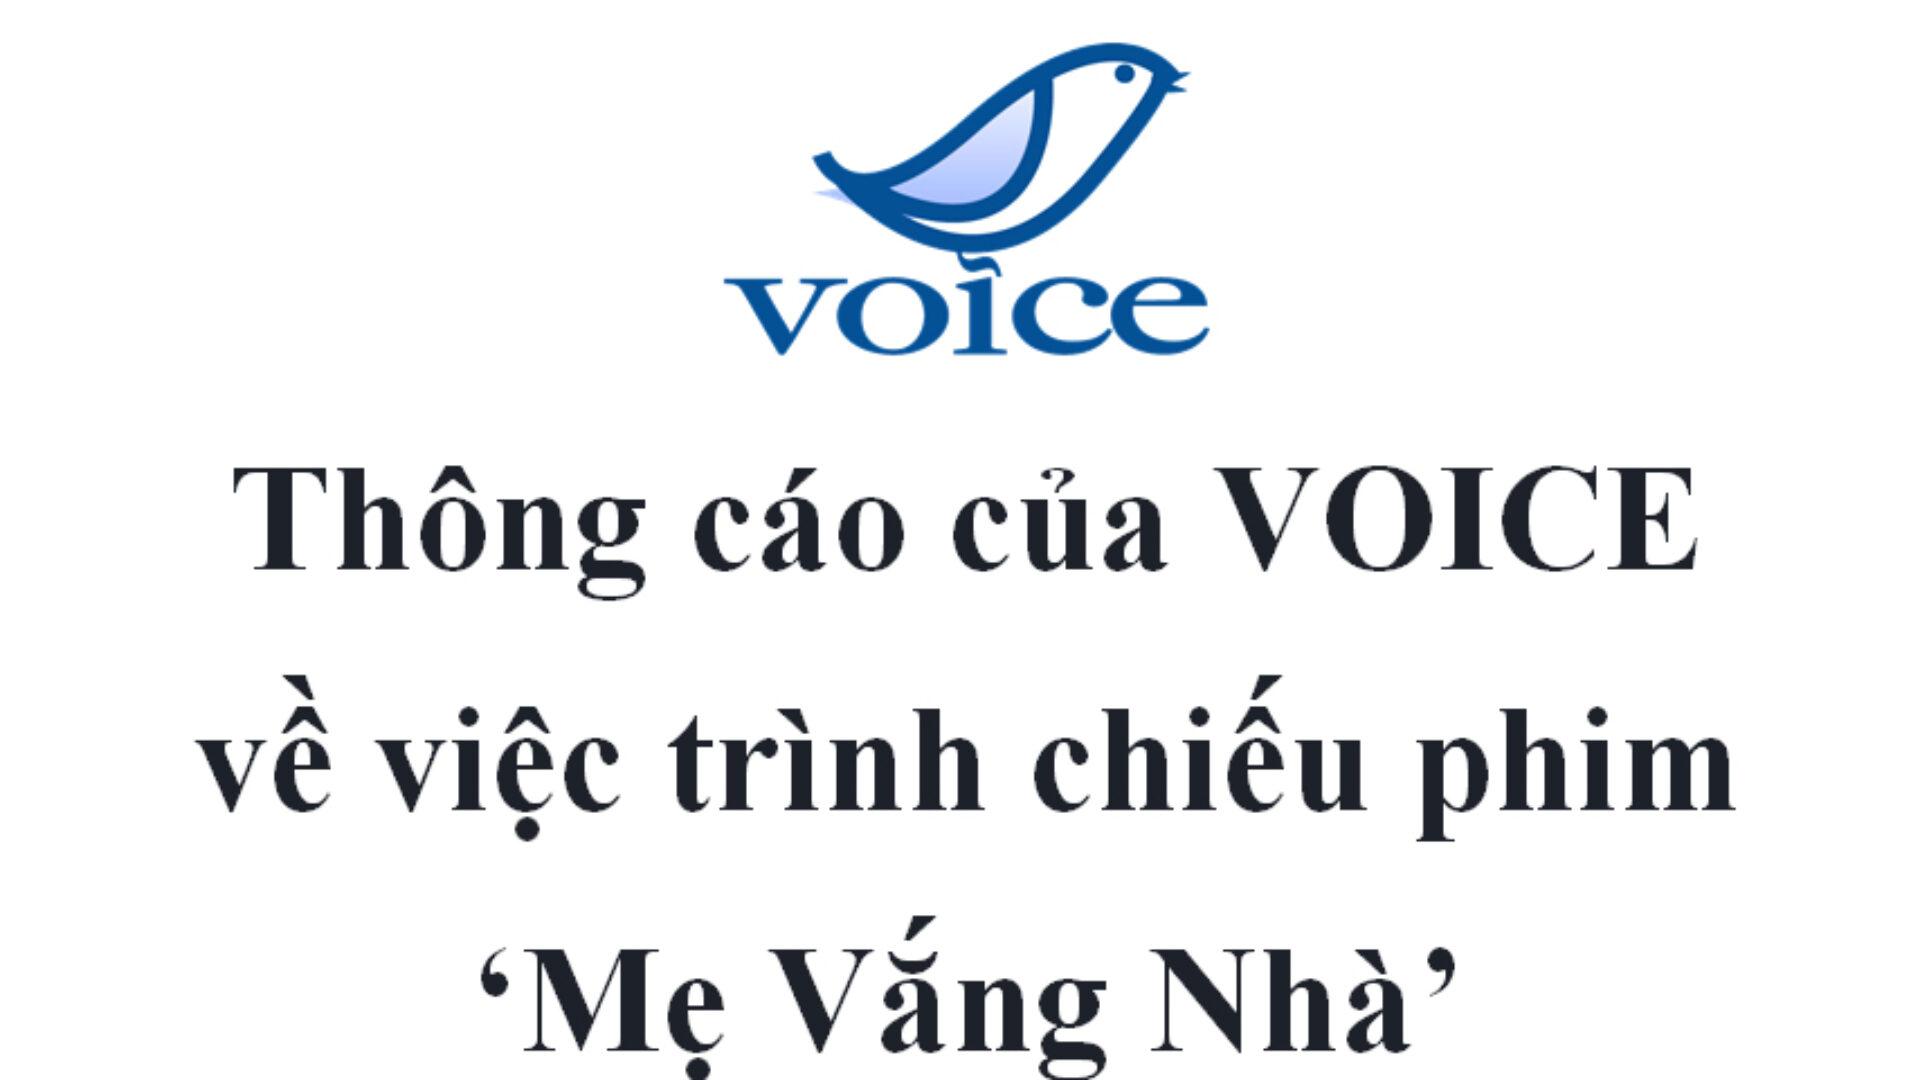 (Tiếng Việt) Thông cáo của VOICE về việc trình chiếu phim 'Mẹ Vắng Nhà'